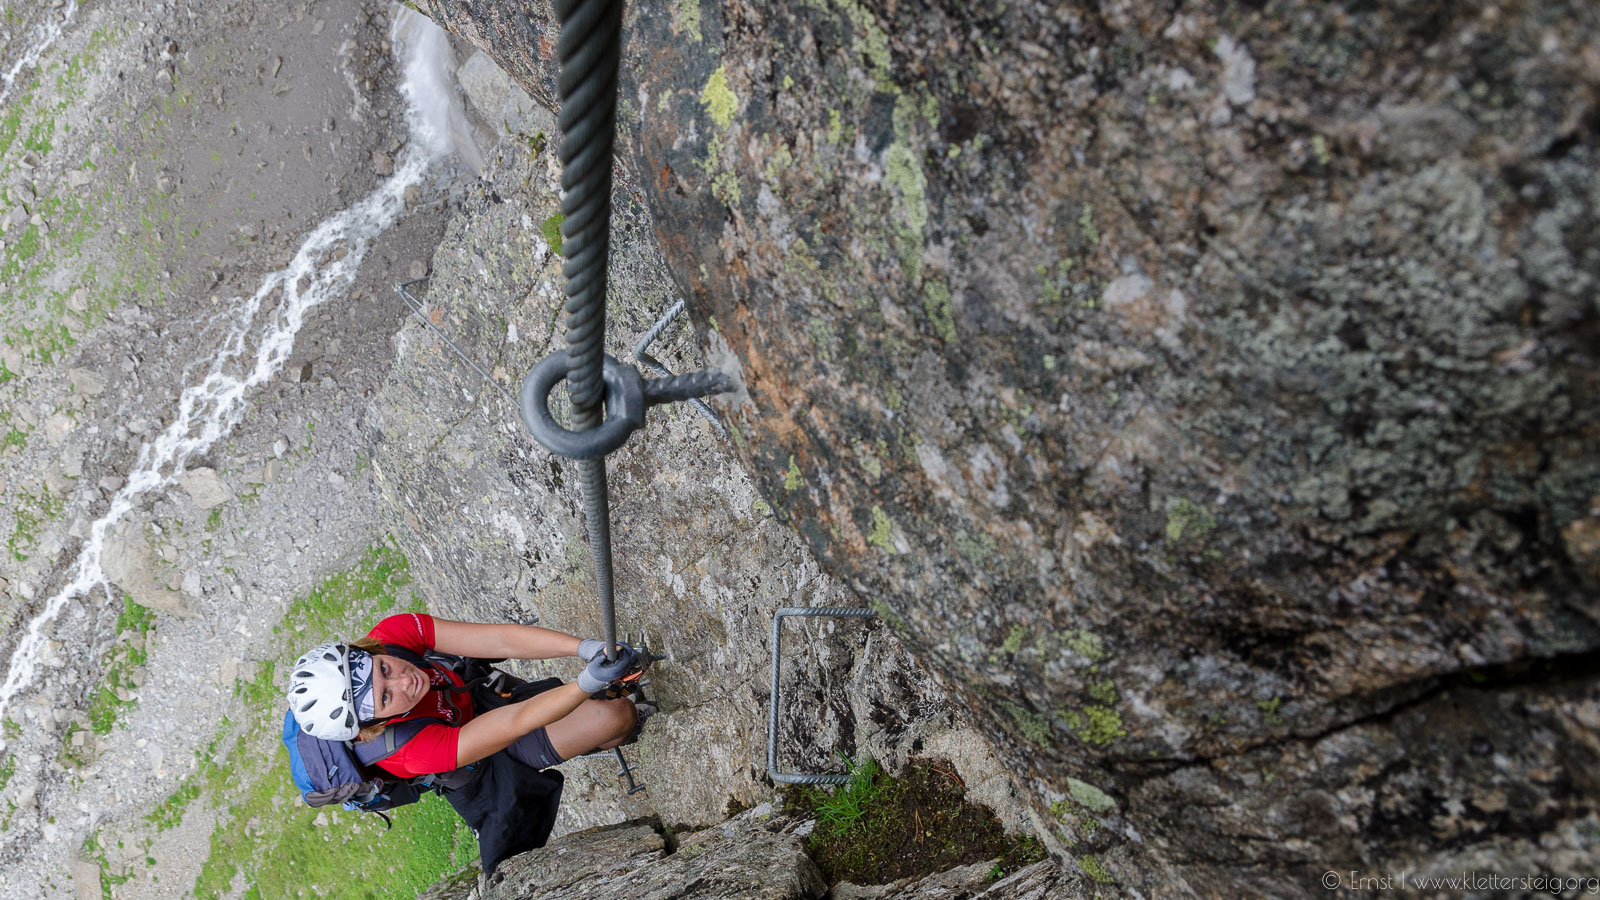 Klettersteig Zirbenwald : Anton renk klettersteig fendels tirol